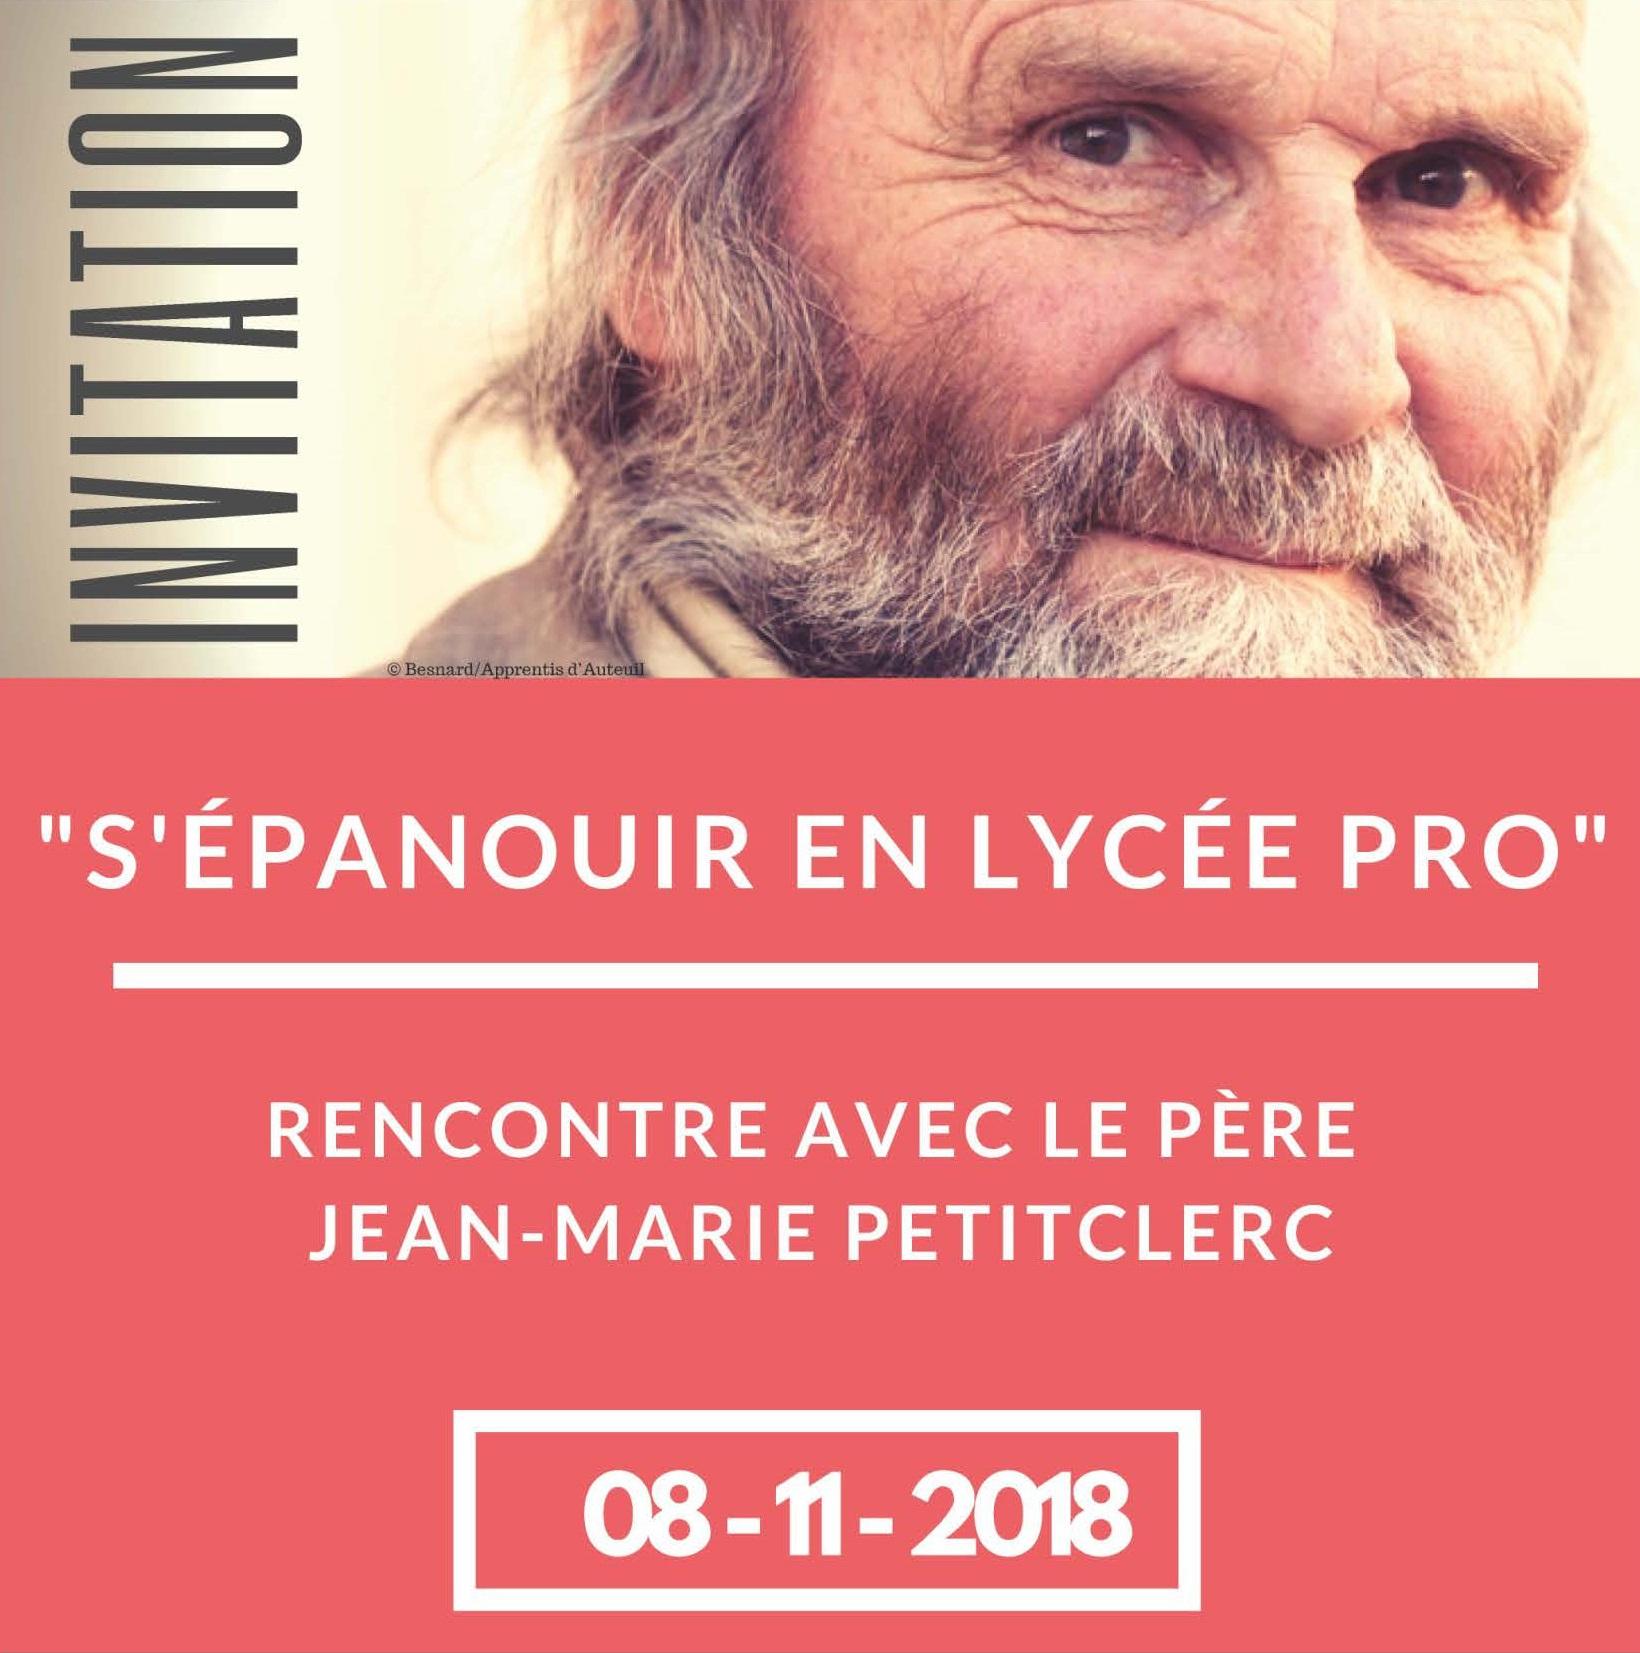 Le Père Jean-Marie Petitclerc animera une conférence à Saint-Nicolas le 8 Novembre prochain